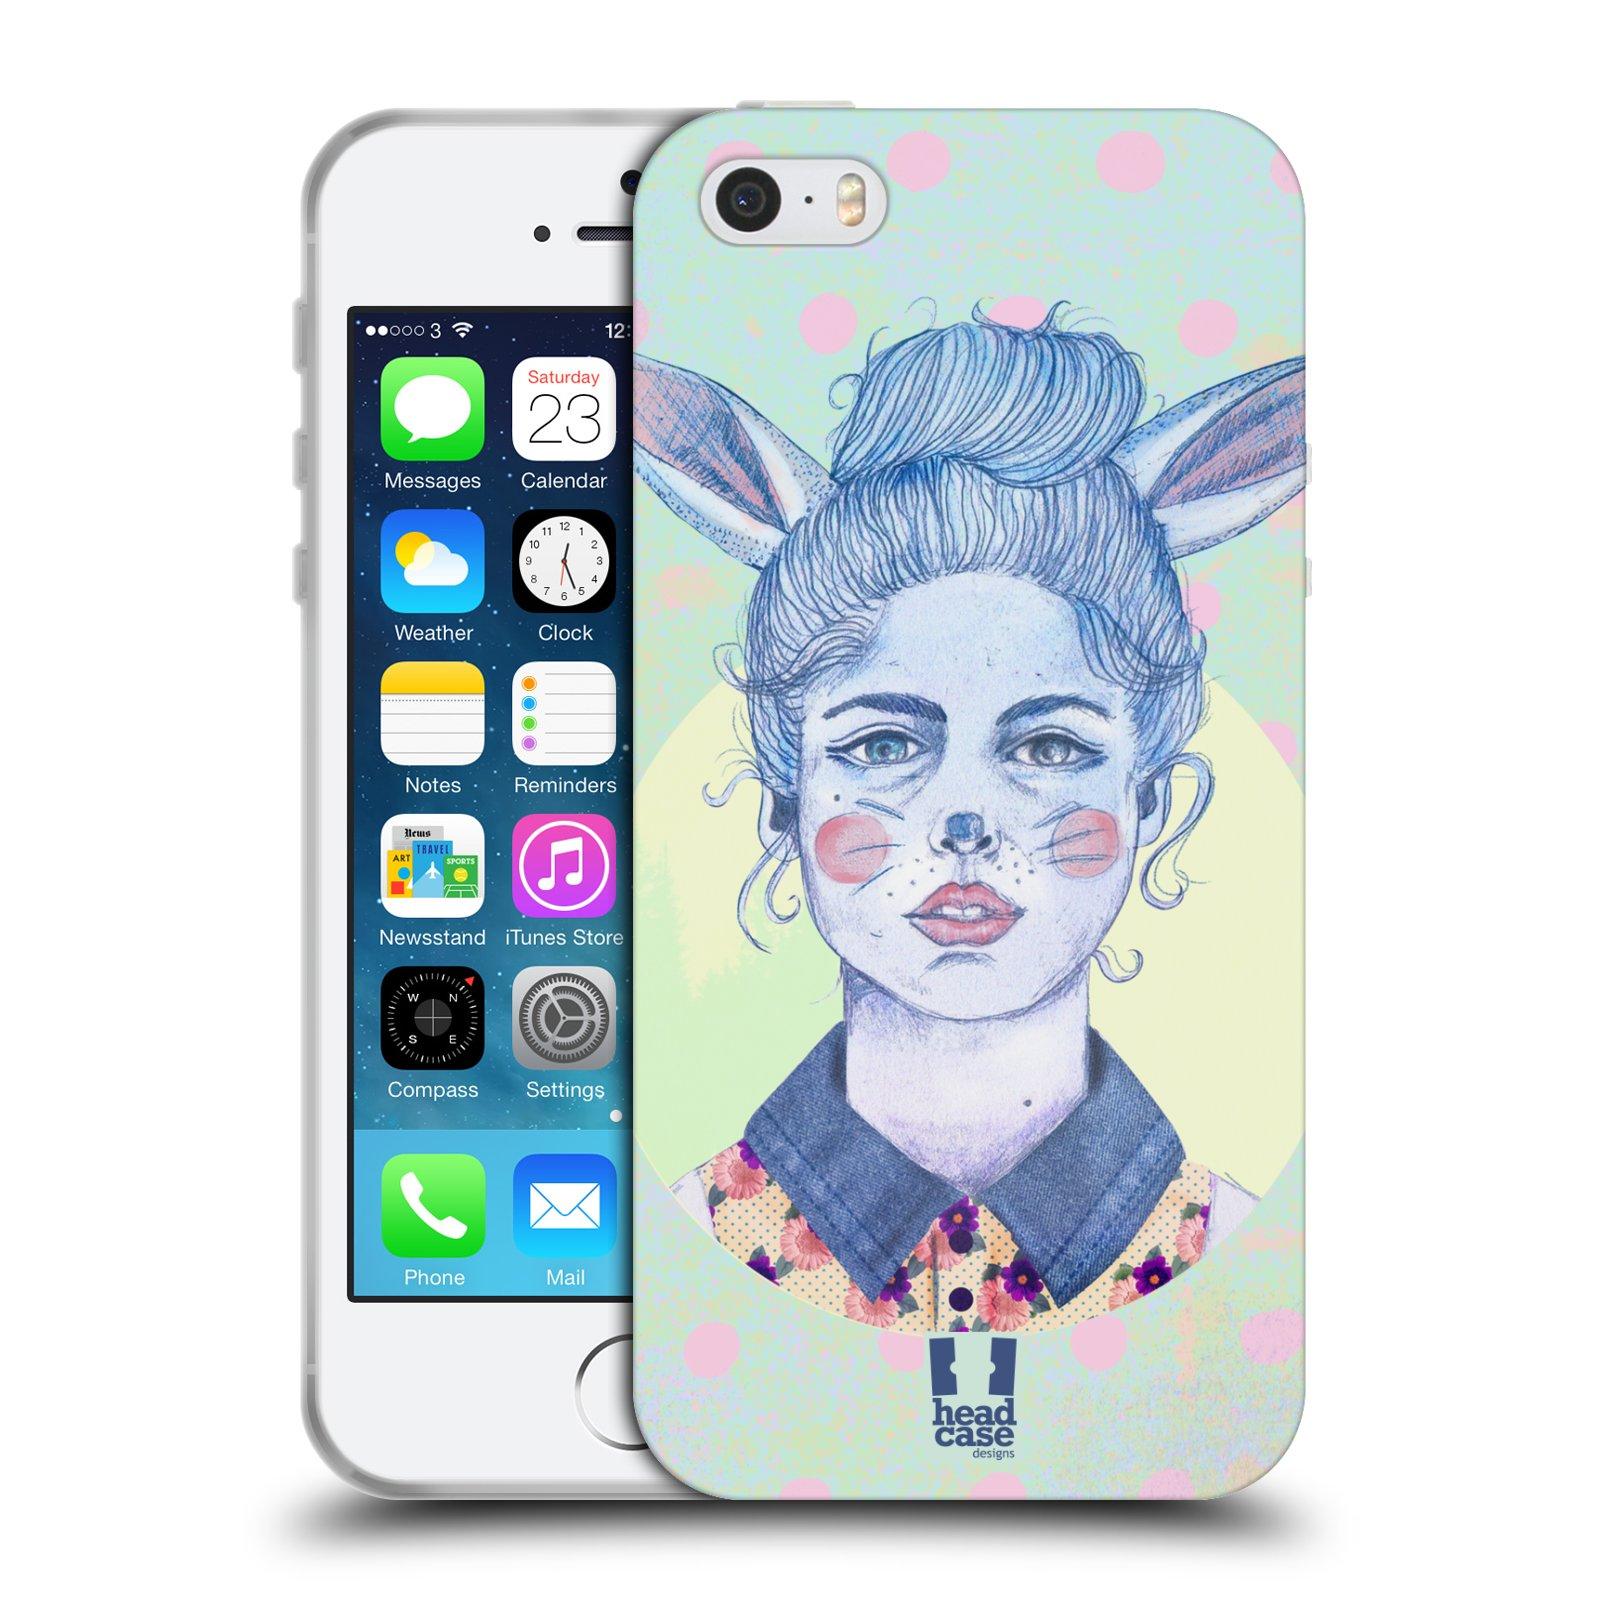 HEAD CASE silikonový obal na mobil Apple Iphone 5/5S vzor Děvče zvířecí tématika zajíček zima